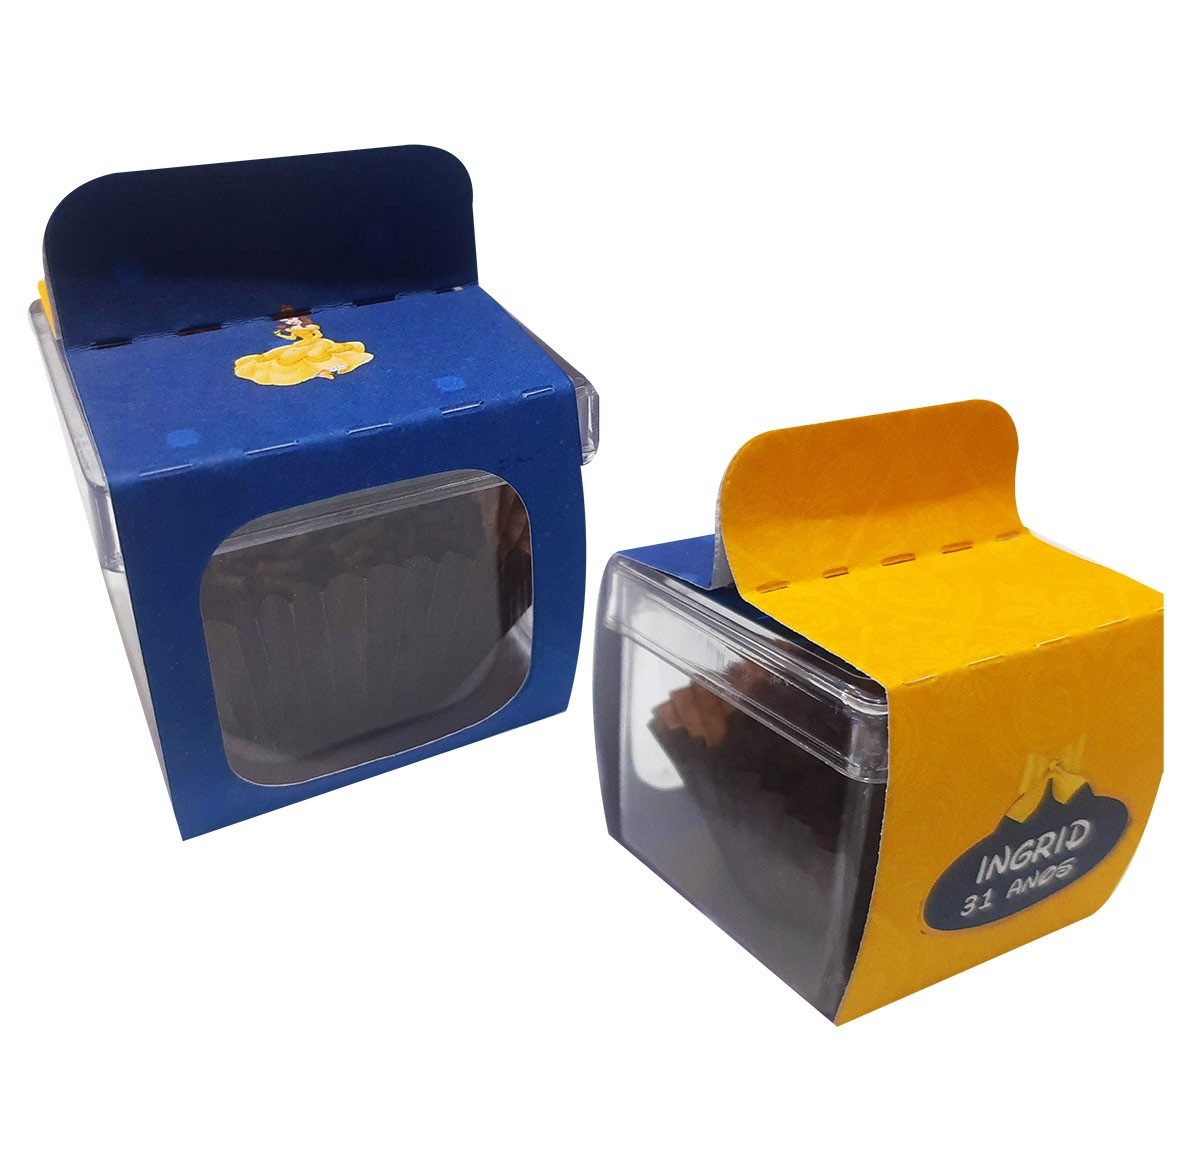 15x Caixinha Acrílica 5x5 Com Lapela Personalizada - Pacote com 15 unidades